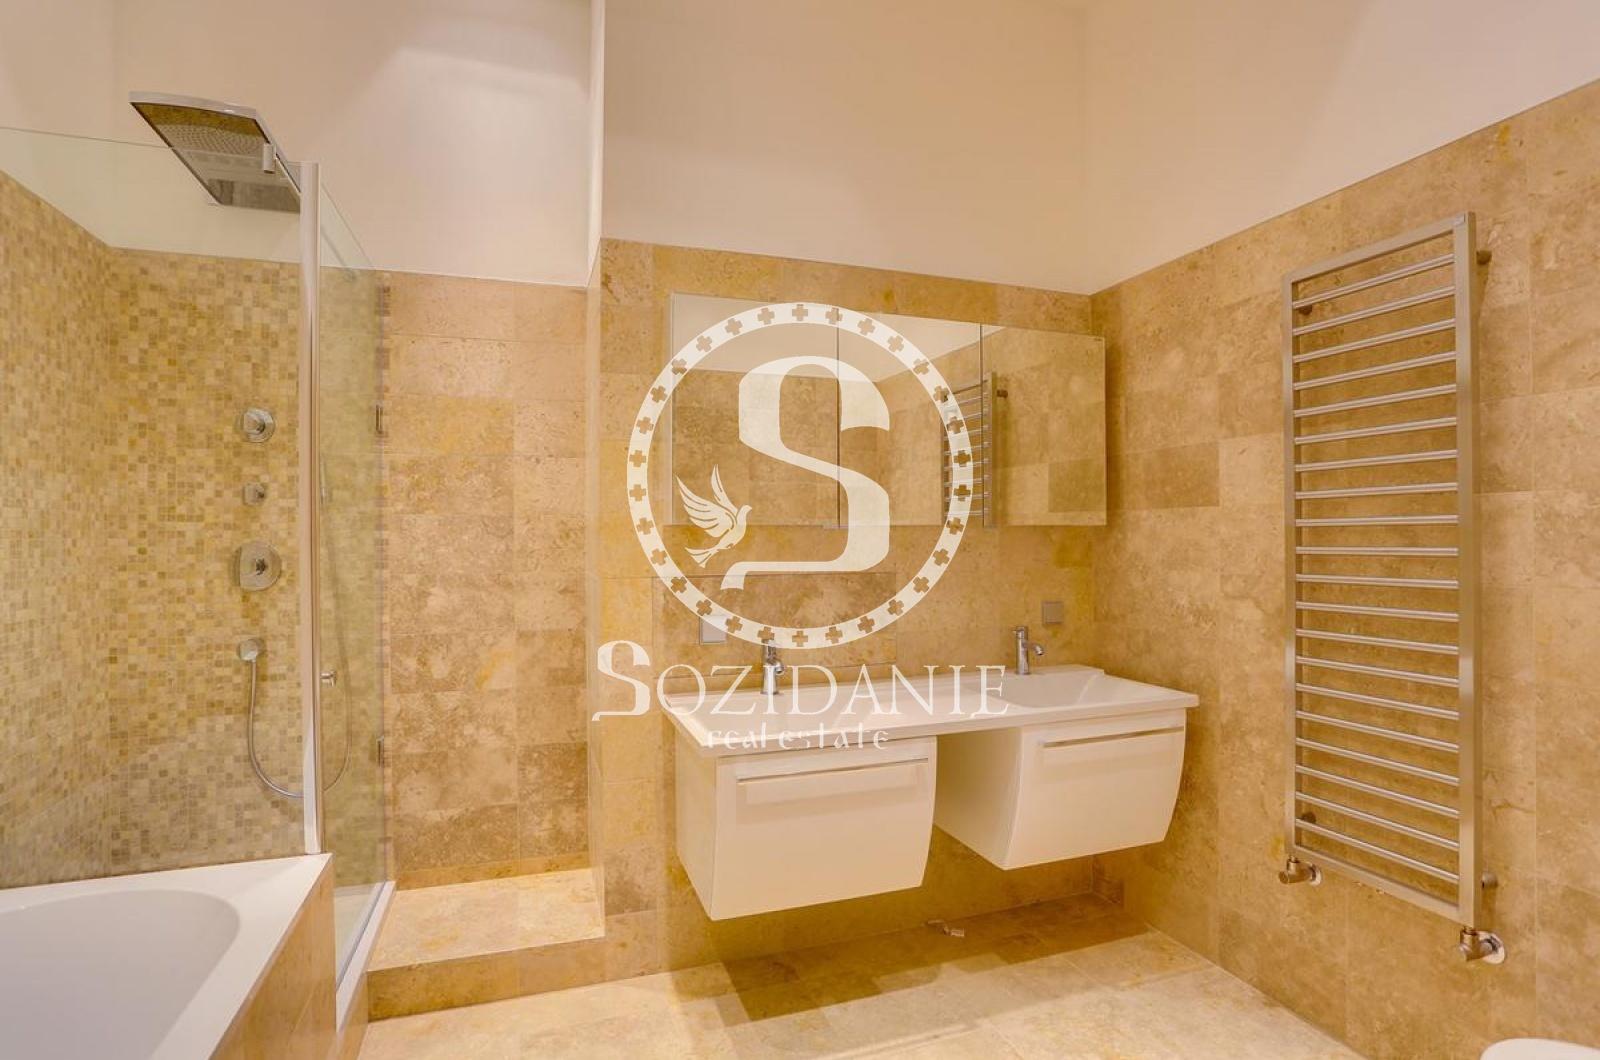 6 Комнаты, Городская, Продажа, Бутиковский переулок, Listing ID 3481, Москва, Россия,